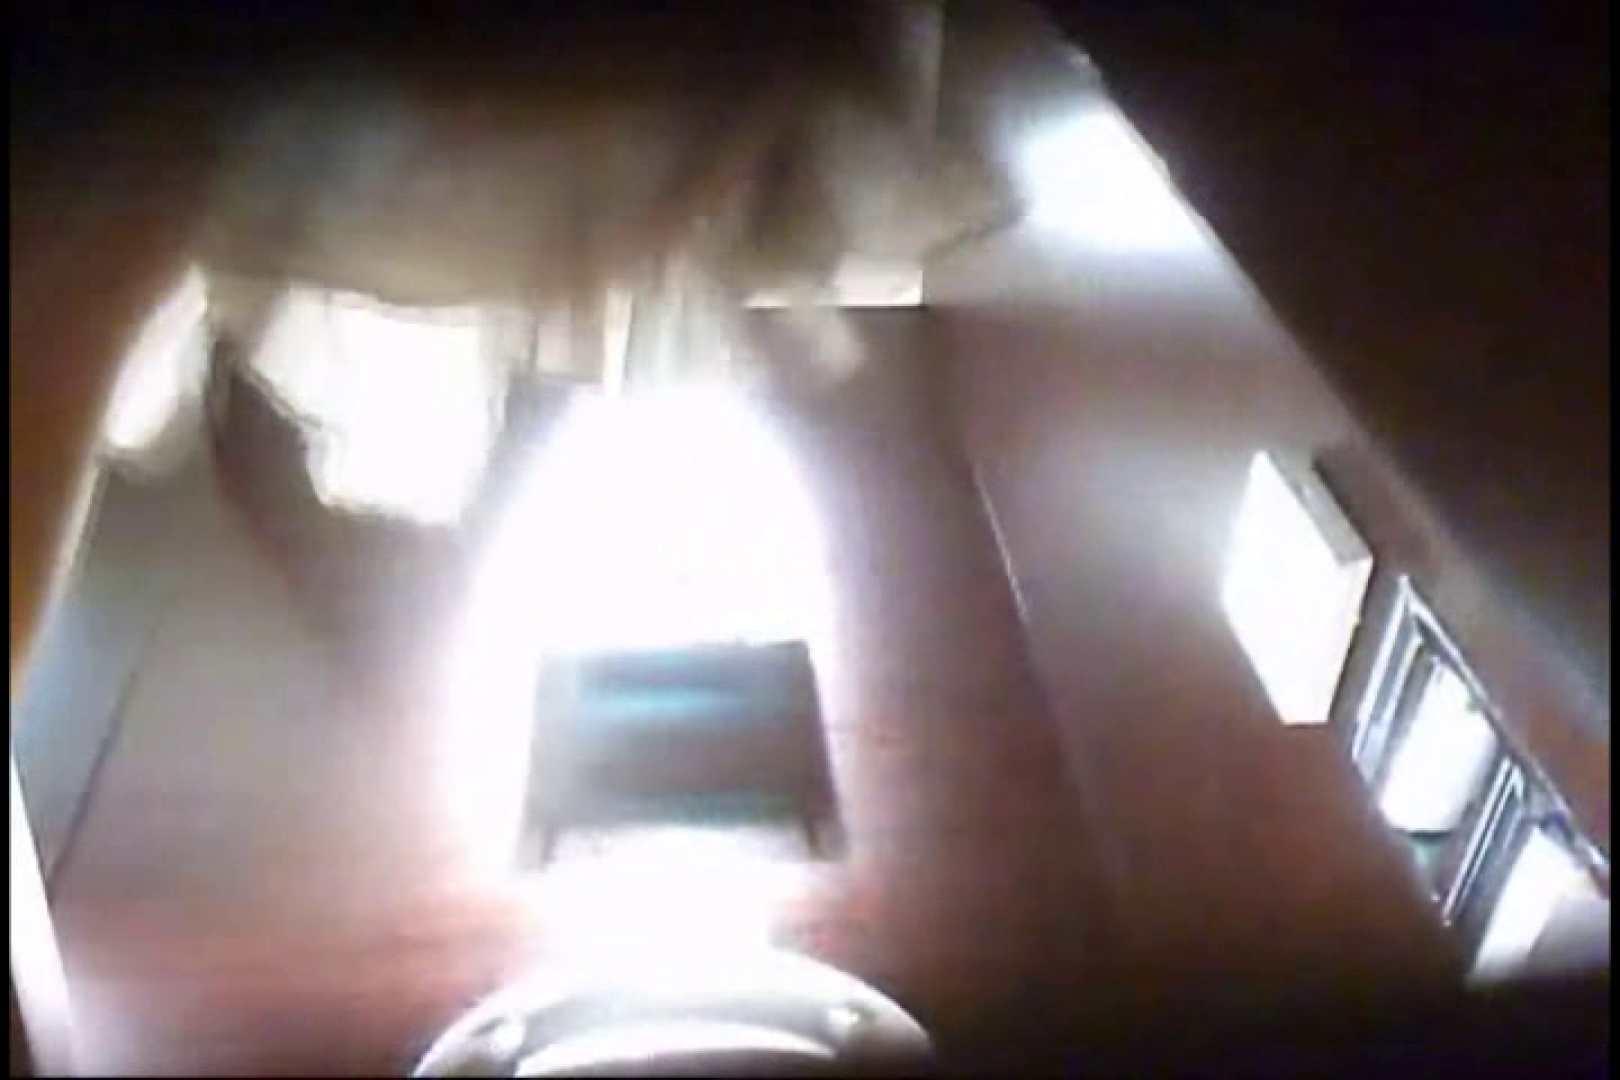 亀さんかわや VIPバージョン! vol.07 オマンコもろ 盗撮画像 112PIX 27